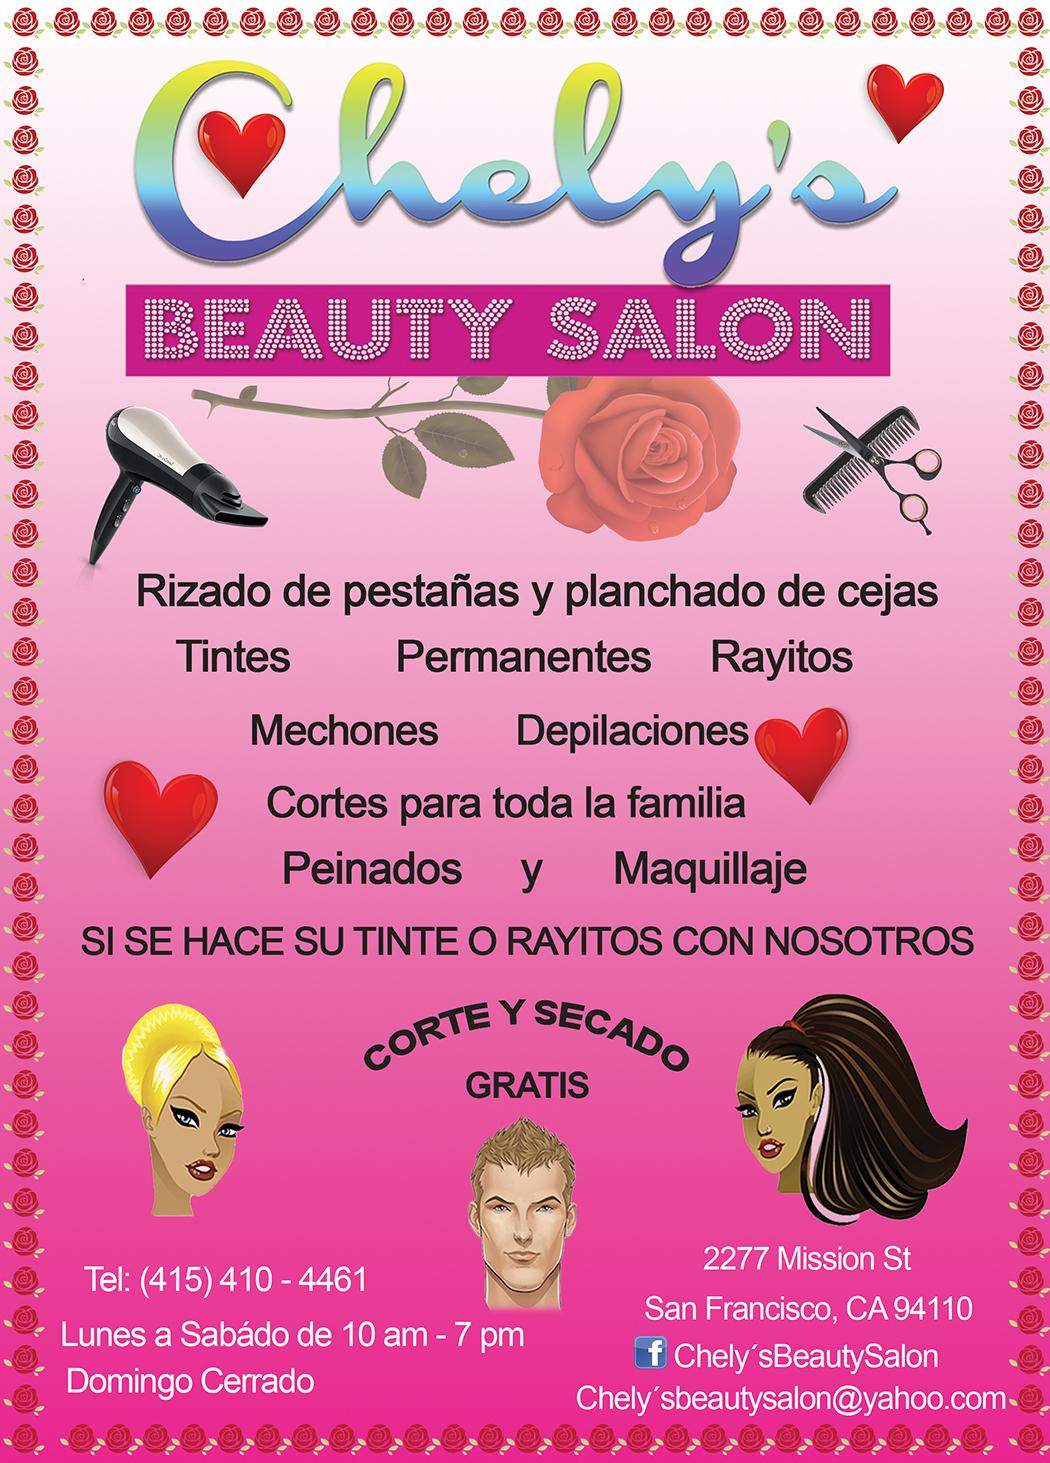 Chelys Beauty Salon 1 Pag MARZO 2019.jpg